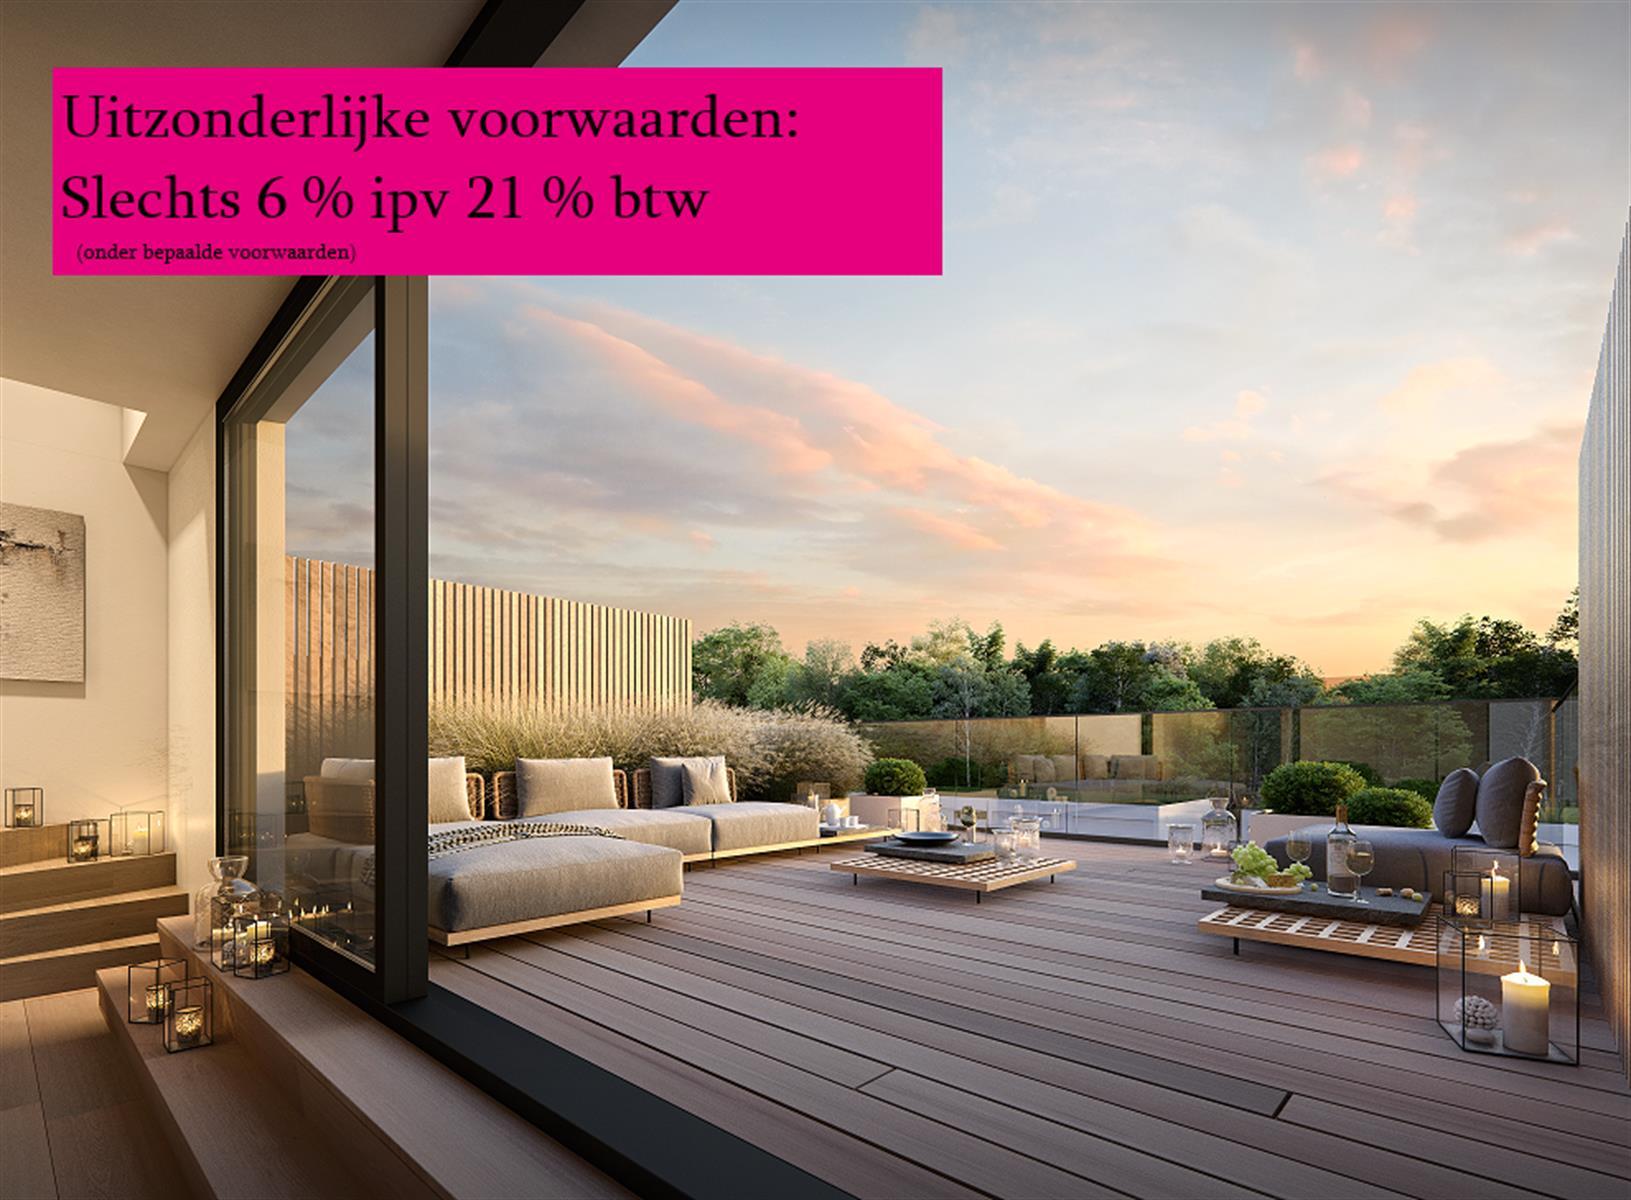 Residentie Enya (www.enya.immo) voor 50 % VERKOCHT, Mogelijkheid aan te kopen aan 6% ipv 21 % BTW